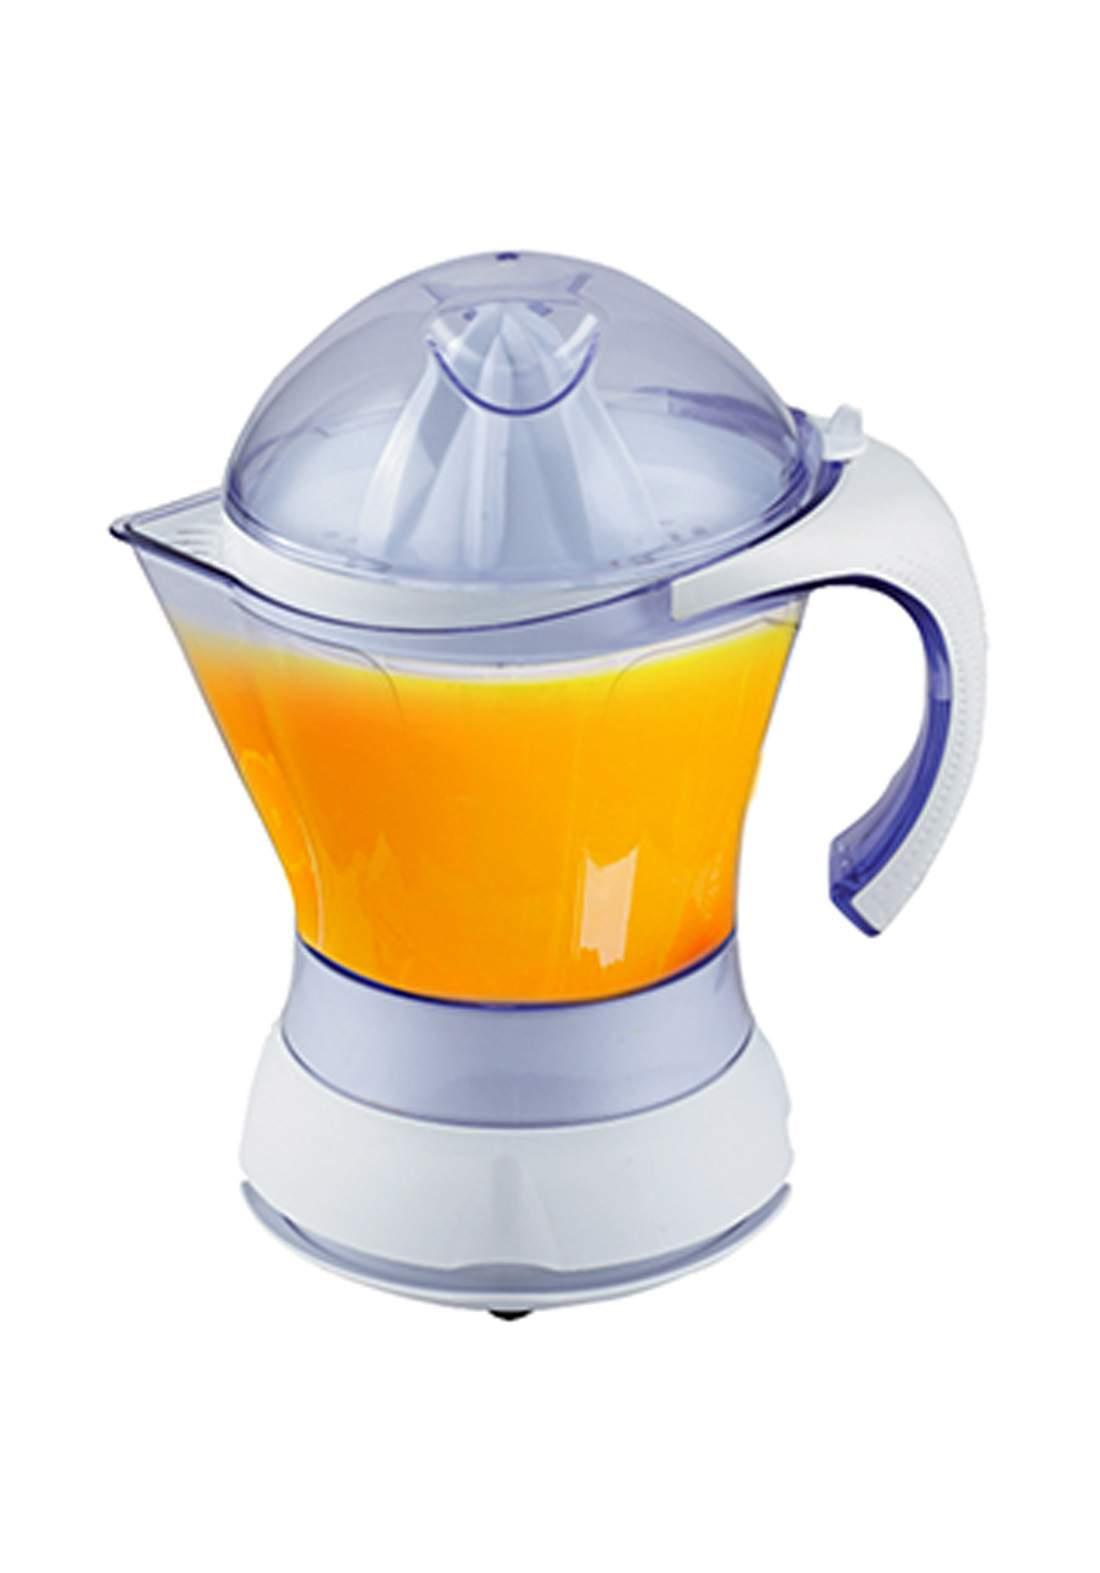 Delmonti  DL 890  Citrus juicer عصارة كهربائية